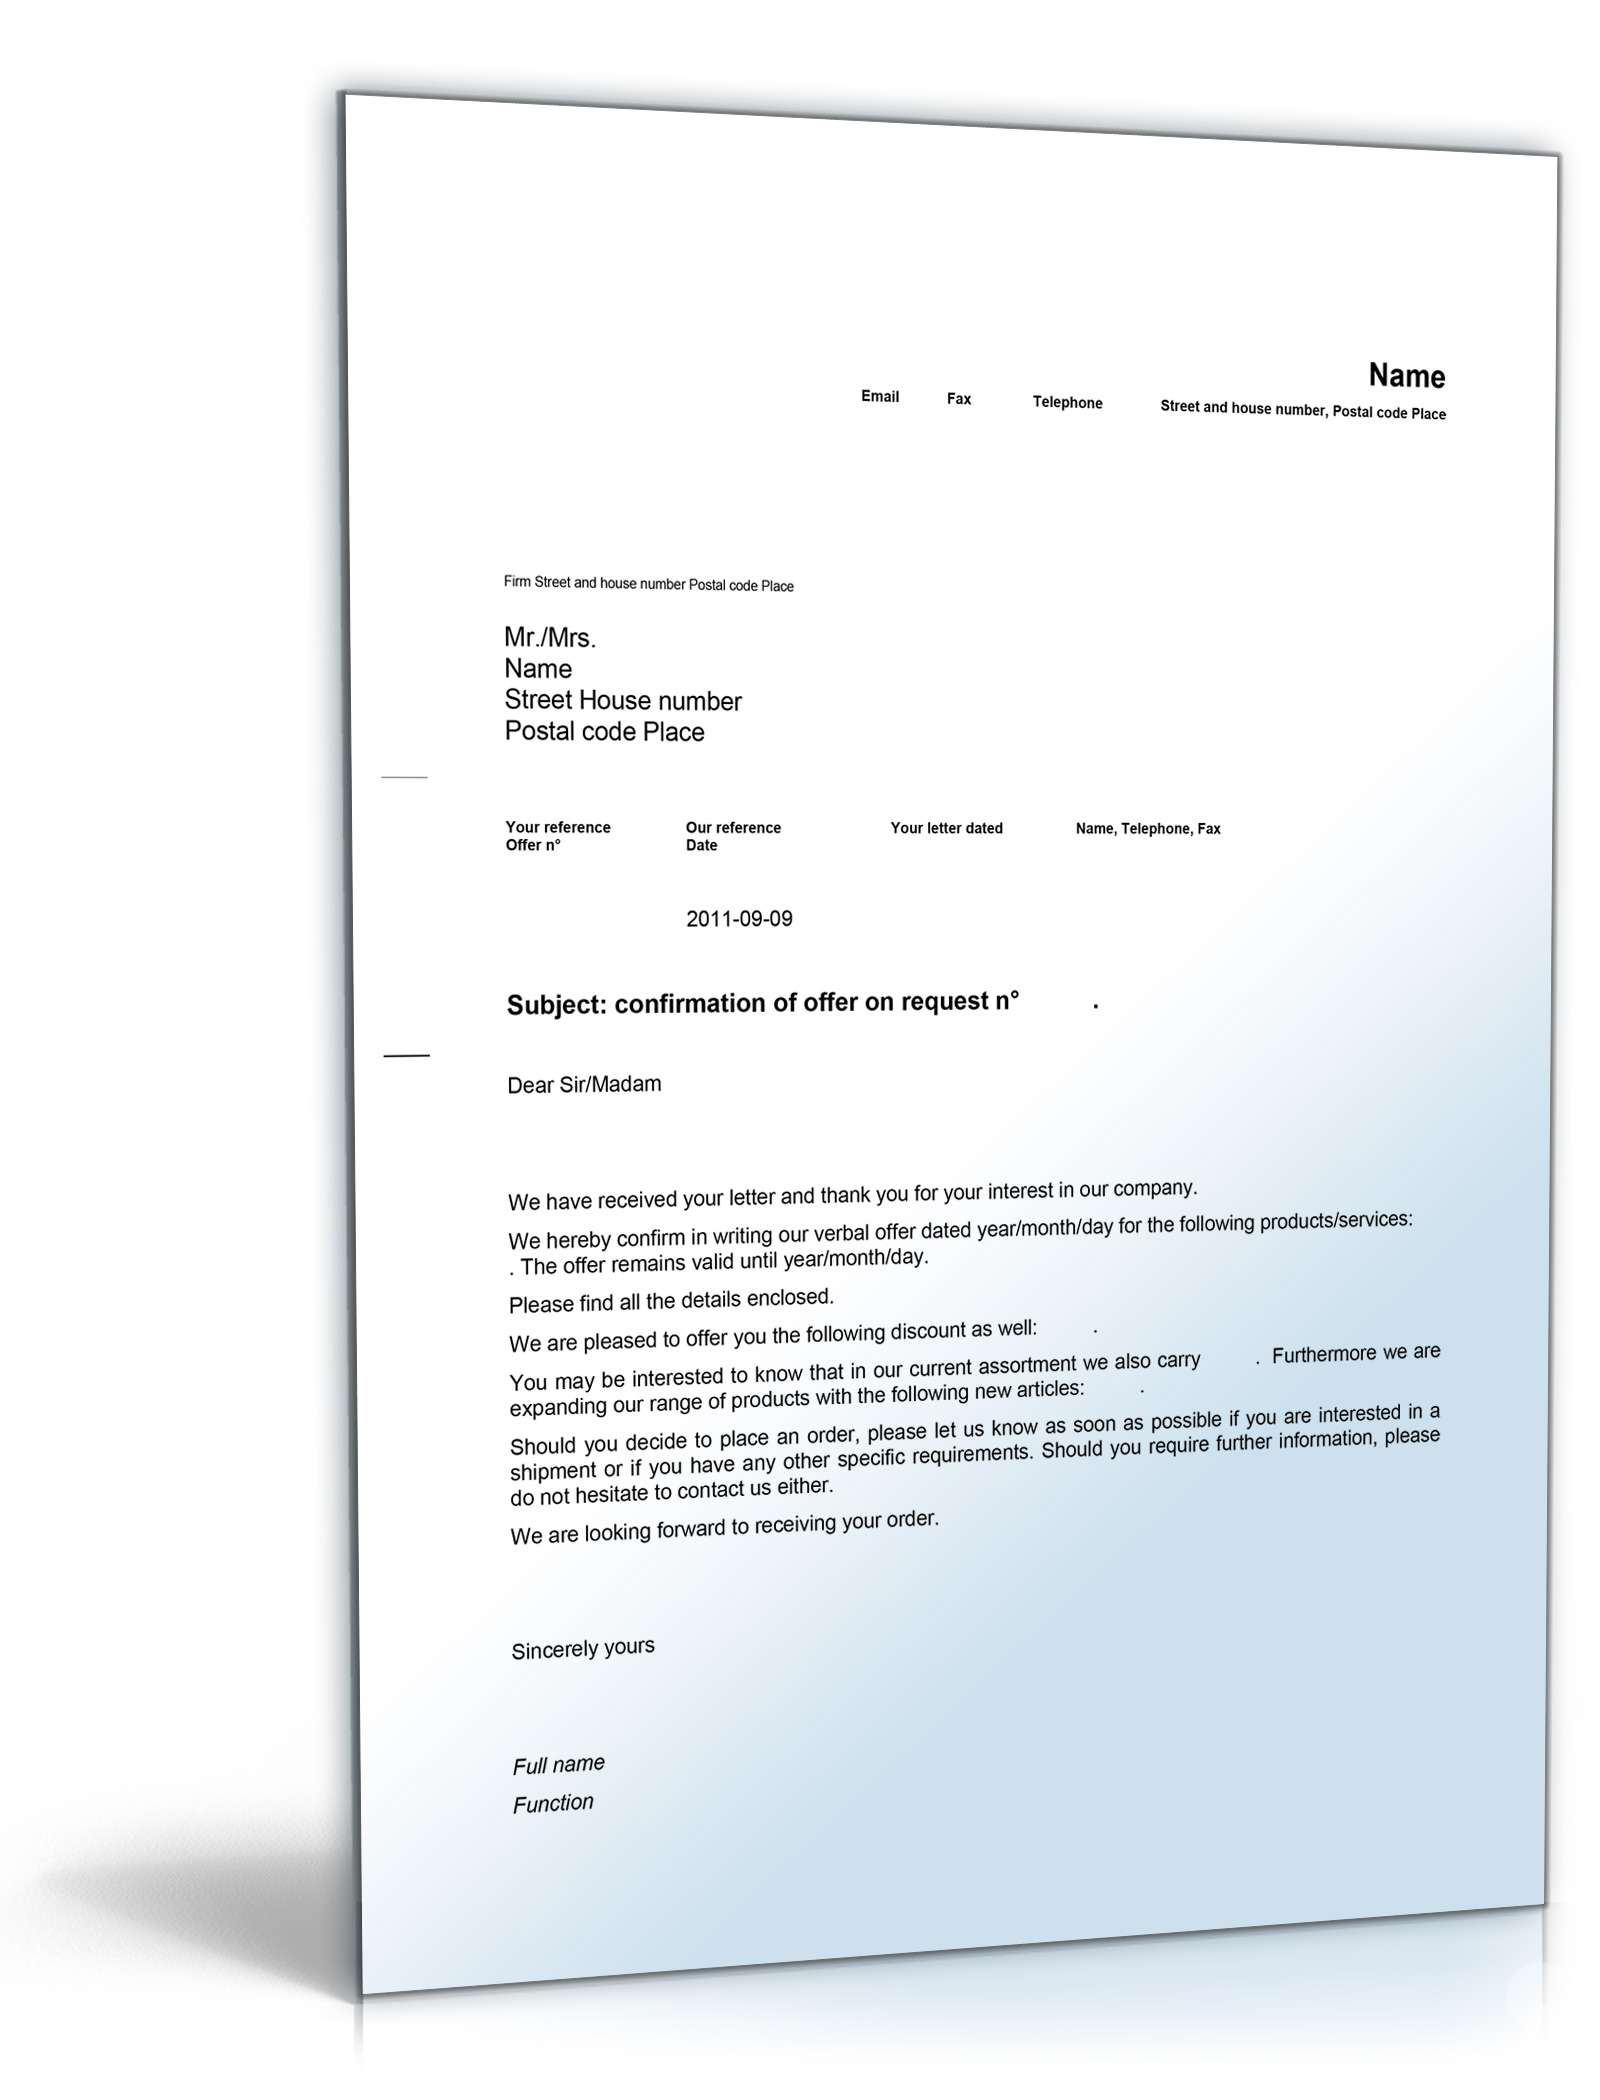 Geschäftsbrief Angebot Auf Anfrage Englisch Muster Zum Download